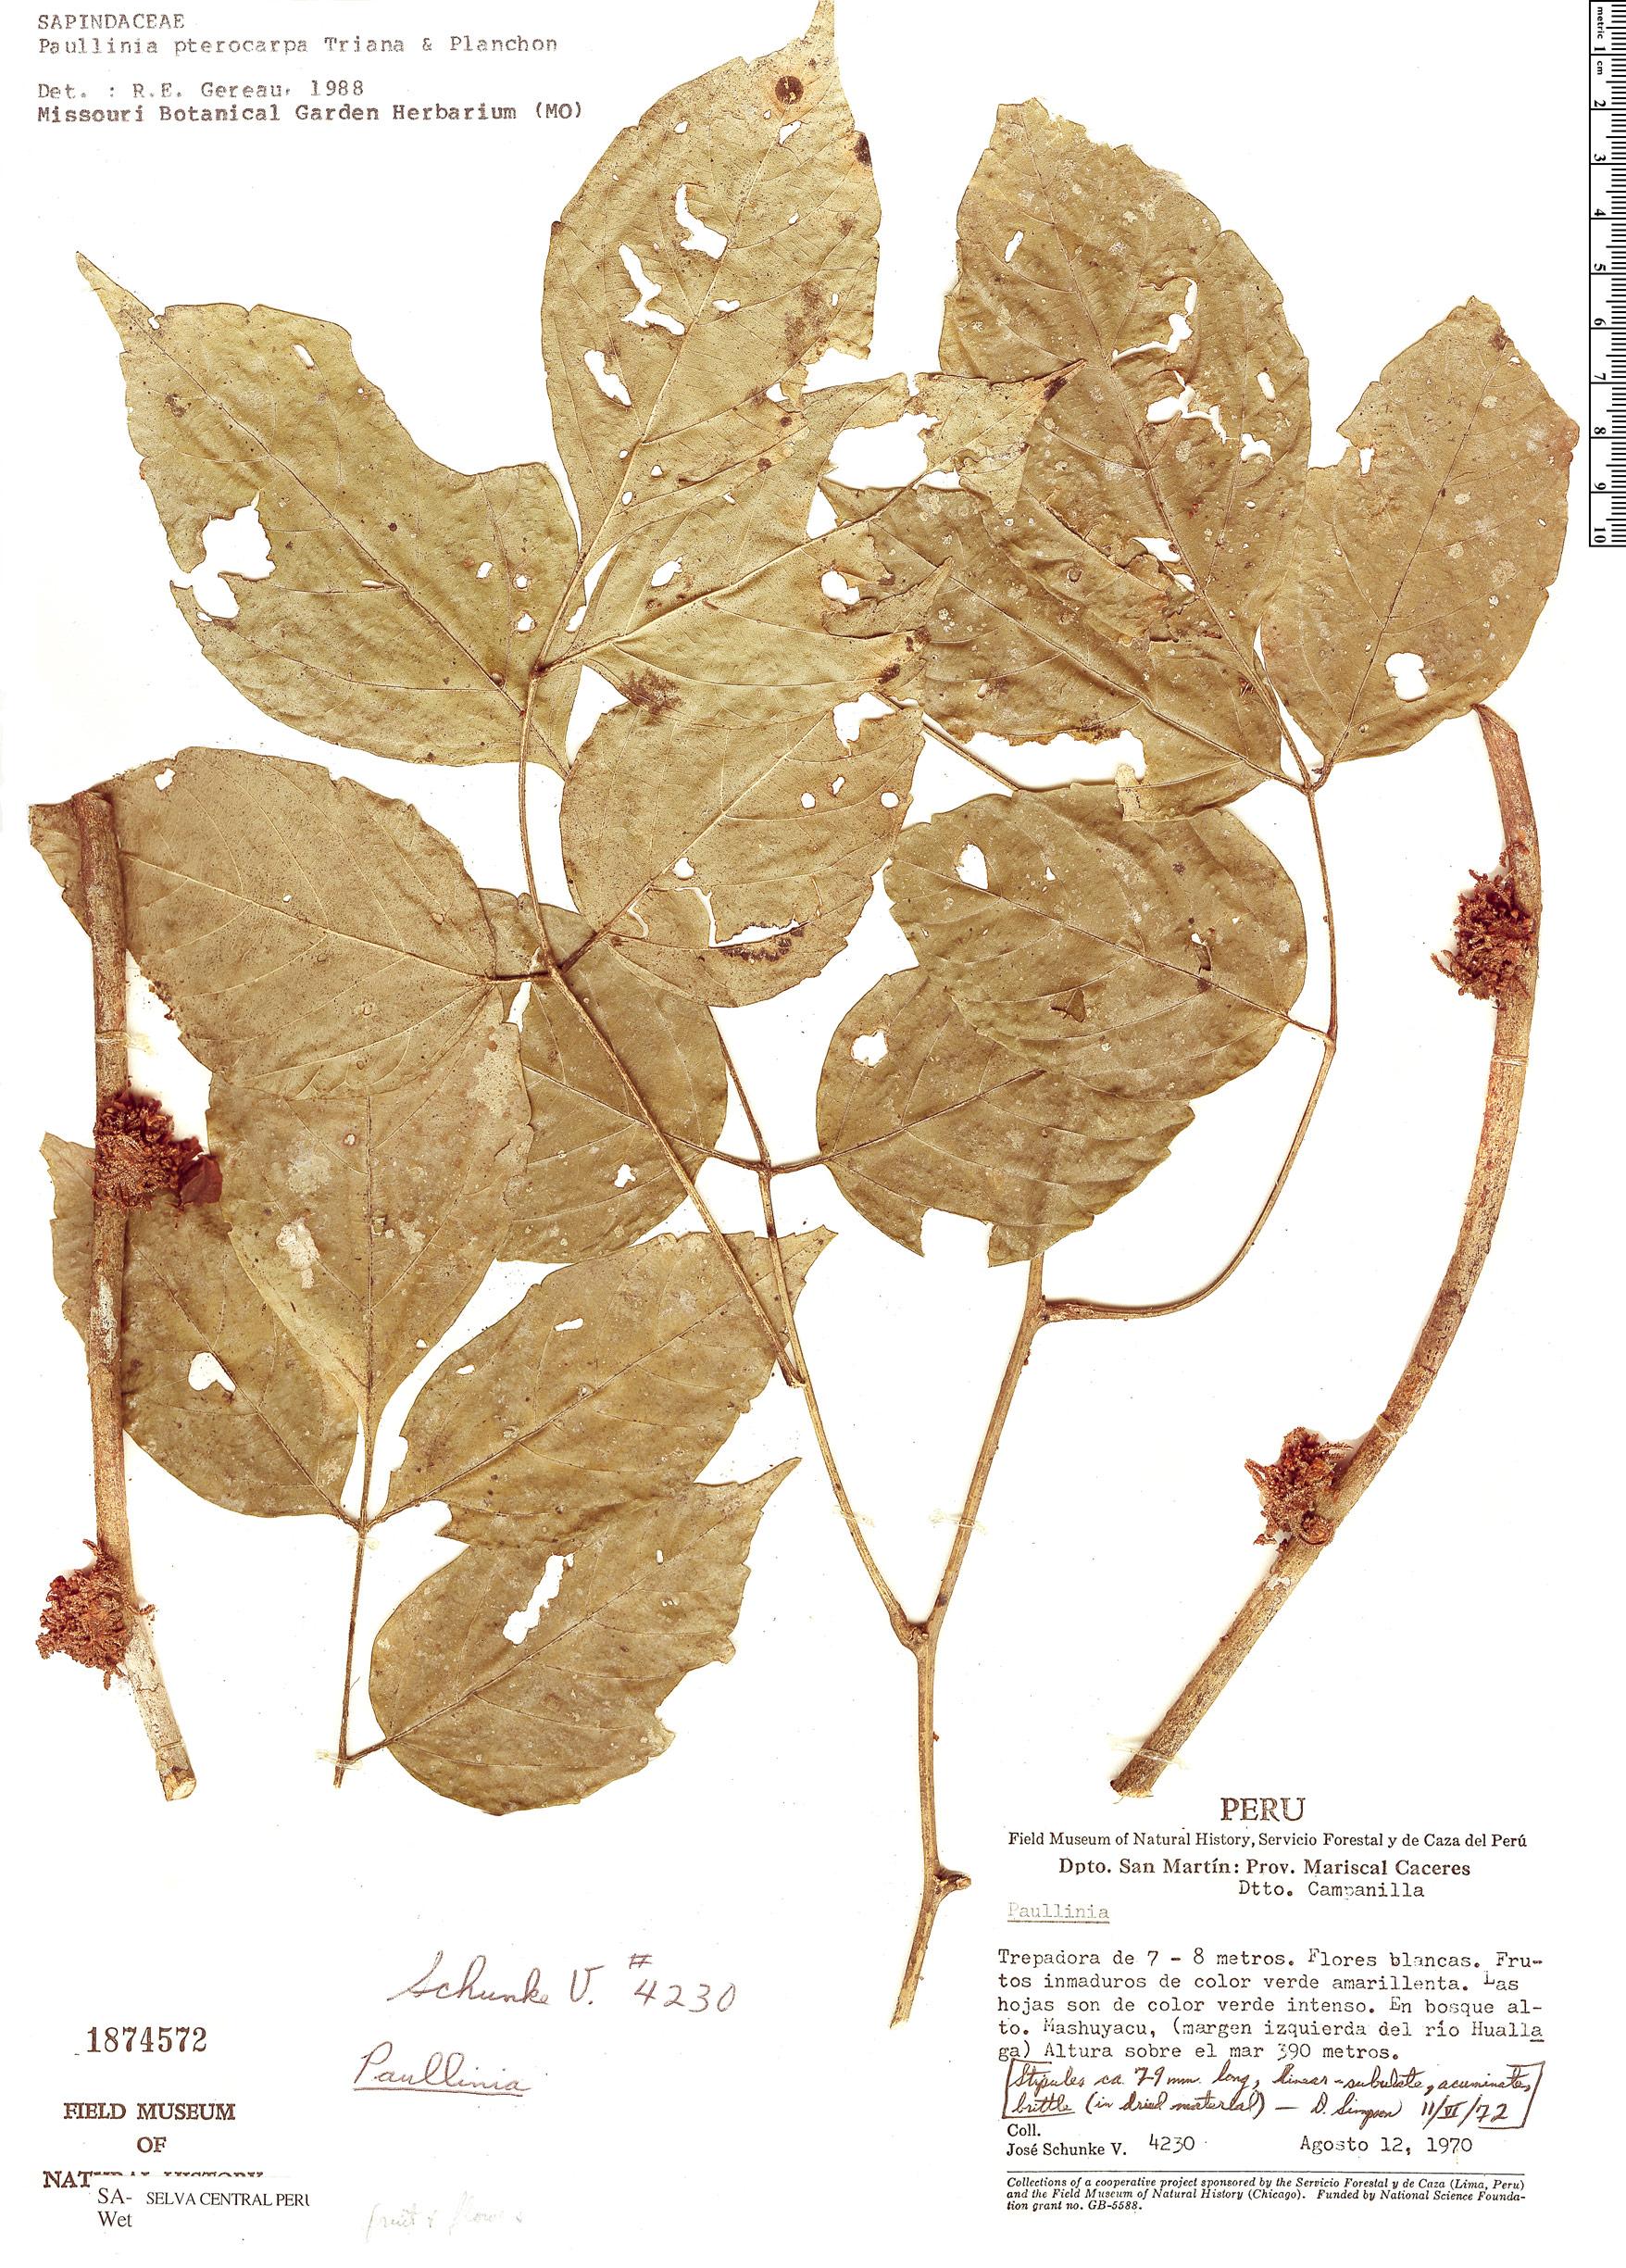 Specimen: Paullinia pterocarpa